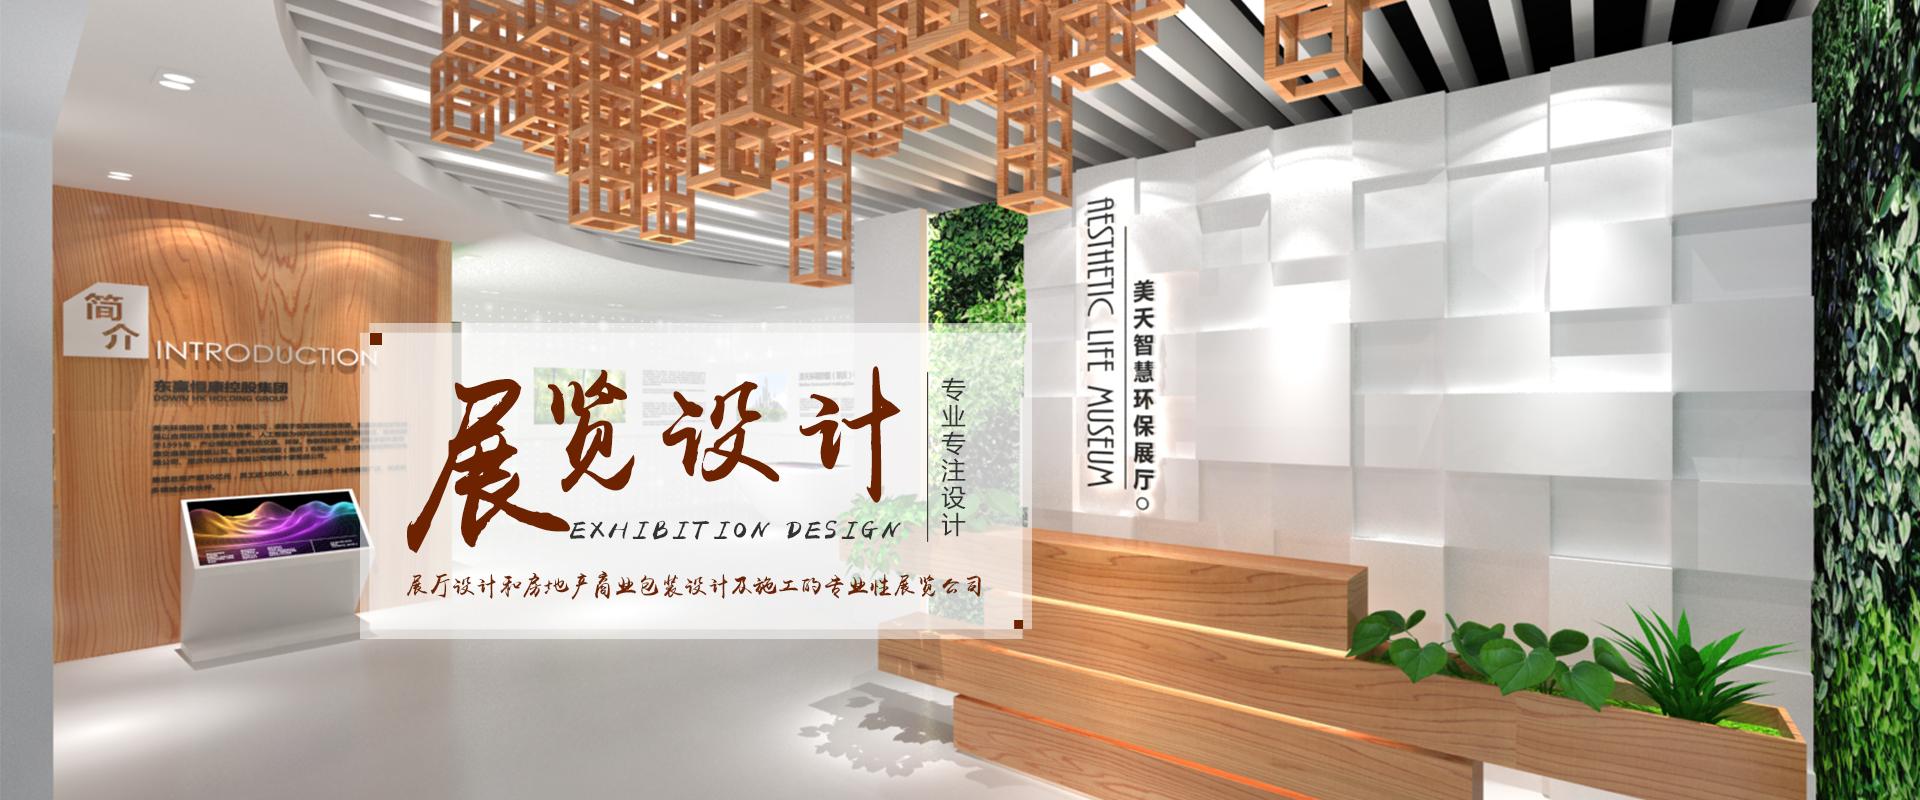 重庆展览公司营销的四个营销要素!